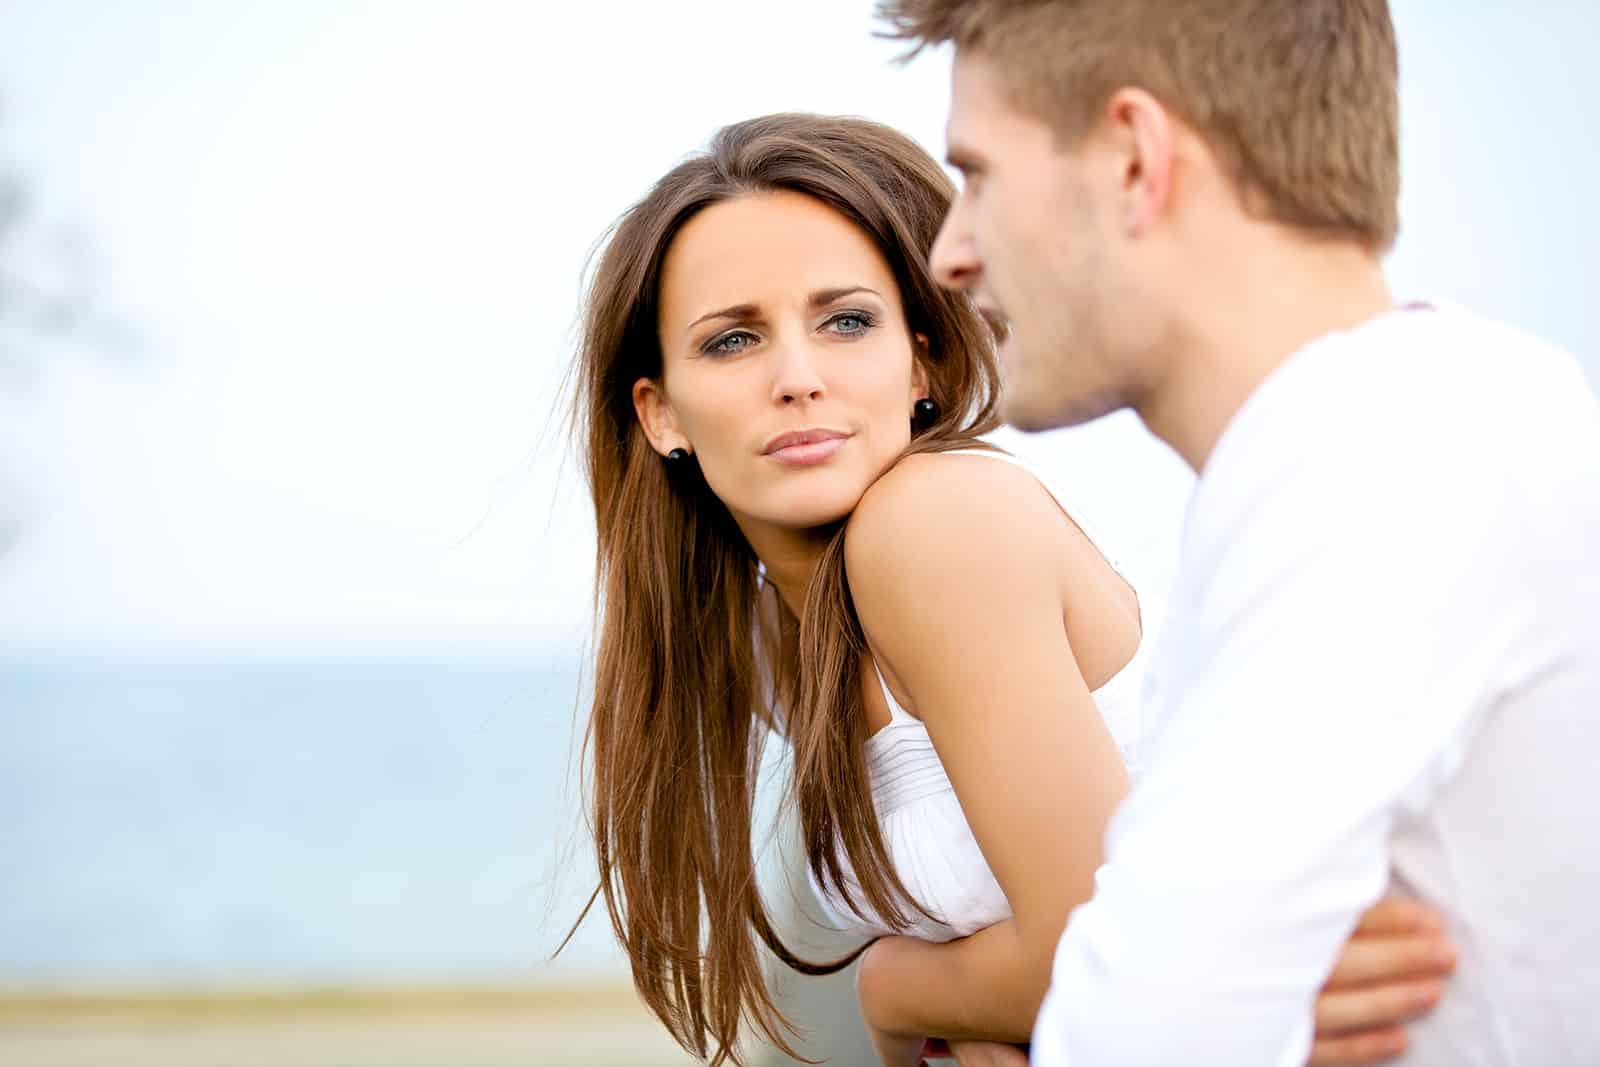 eine Frau, die ernsthaft einem Mann zuhört und ihn ansieht